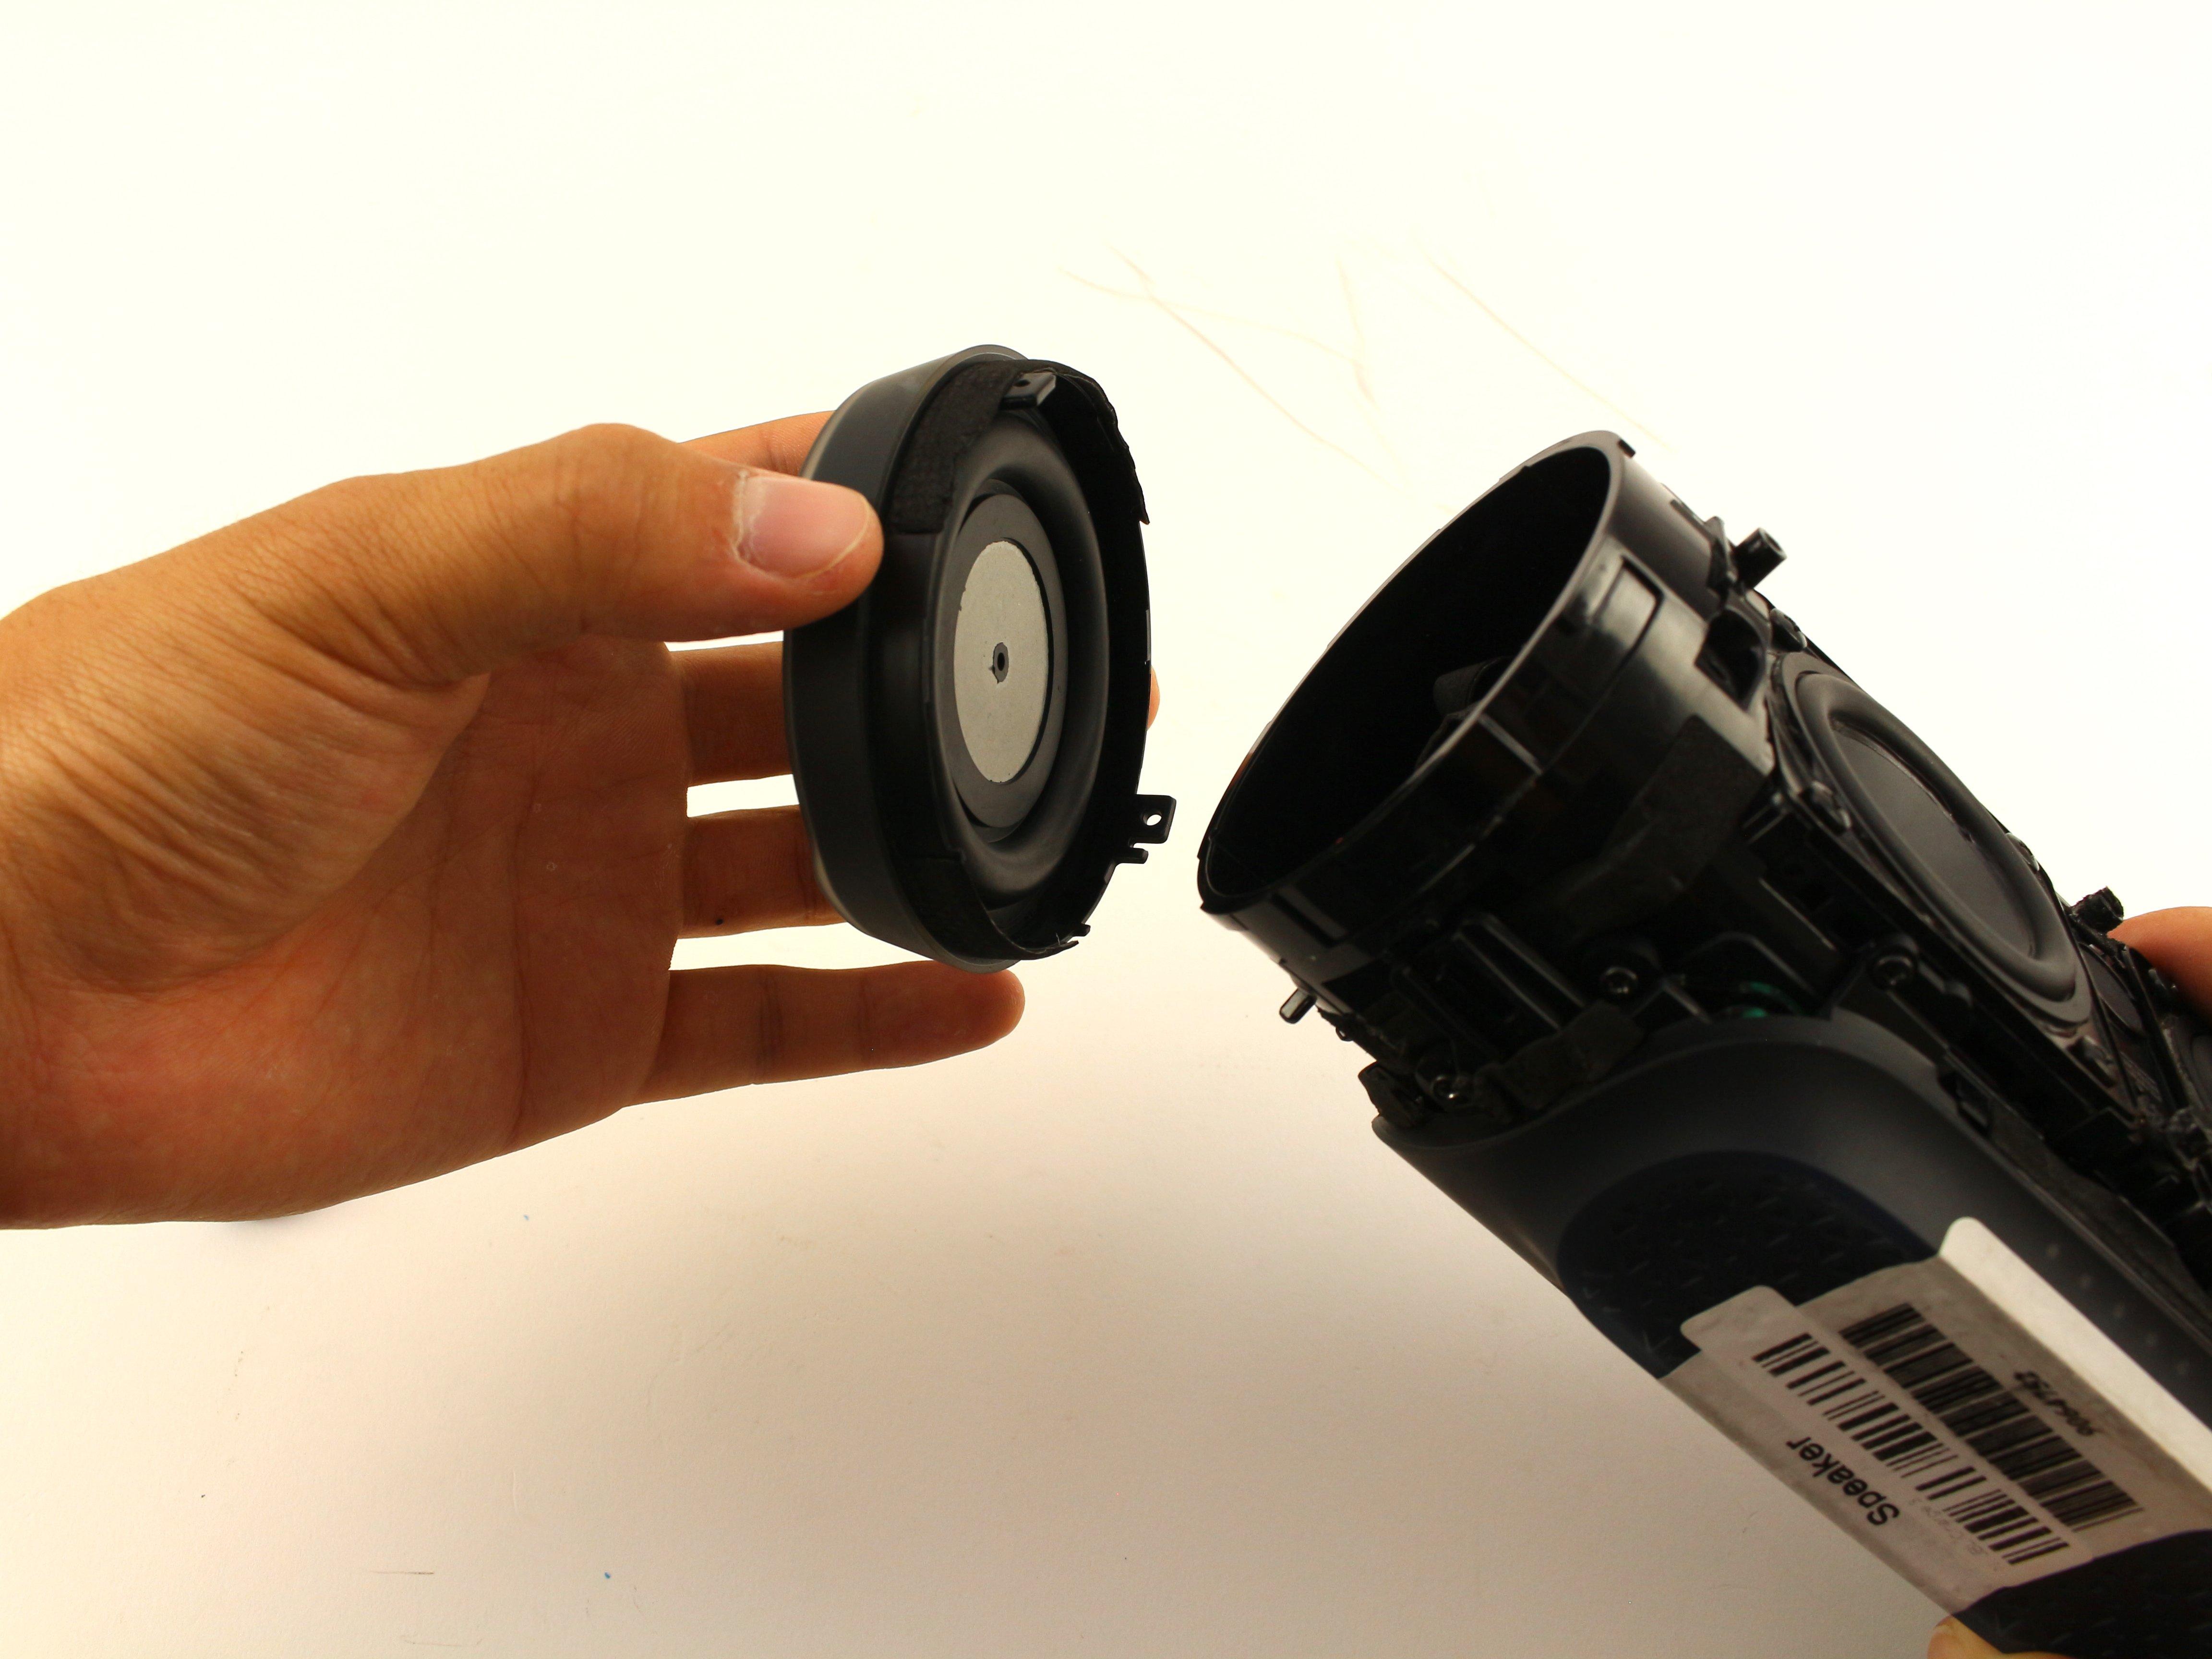 JBL Charge 3 Passive Radiators Replacement - iFixit Repair Guide